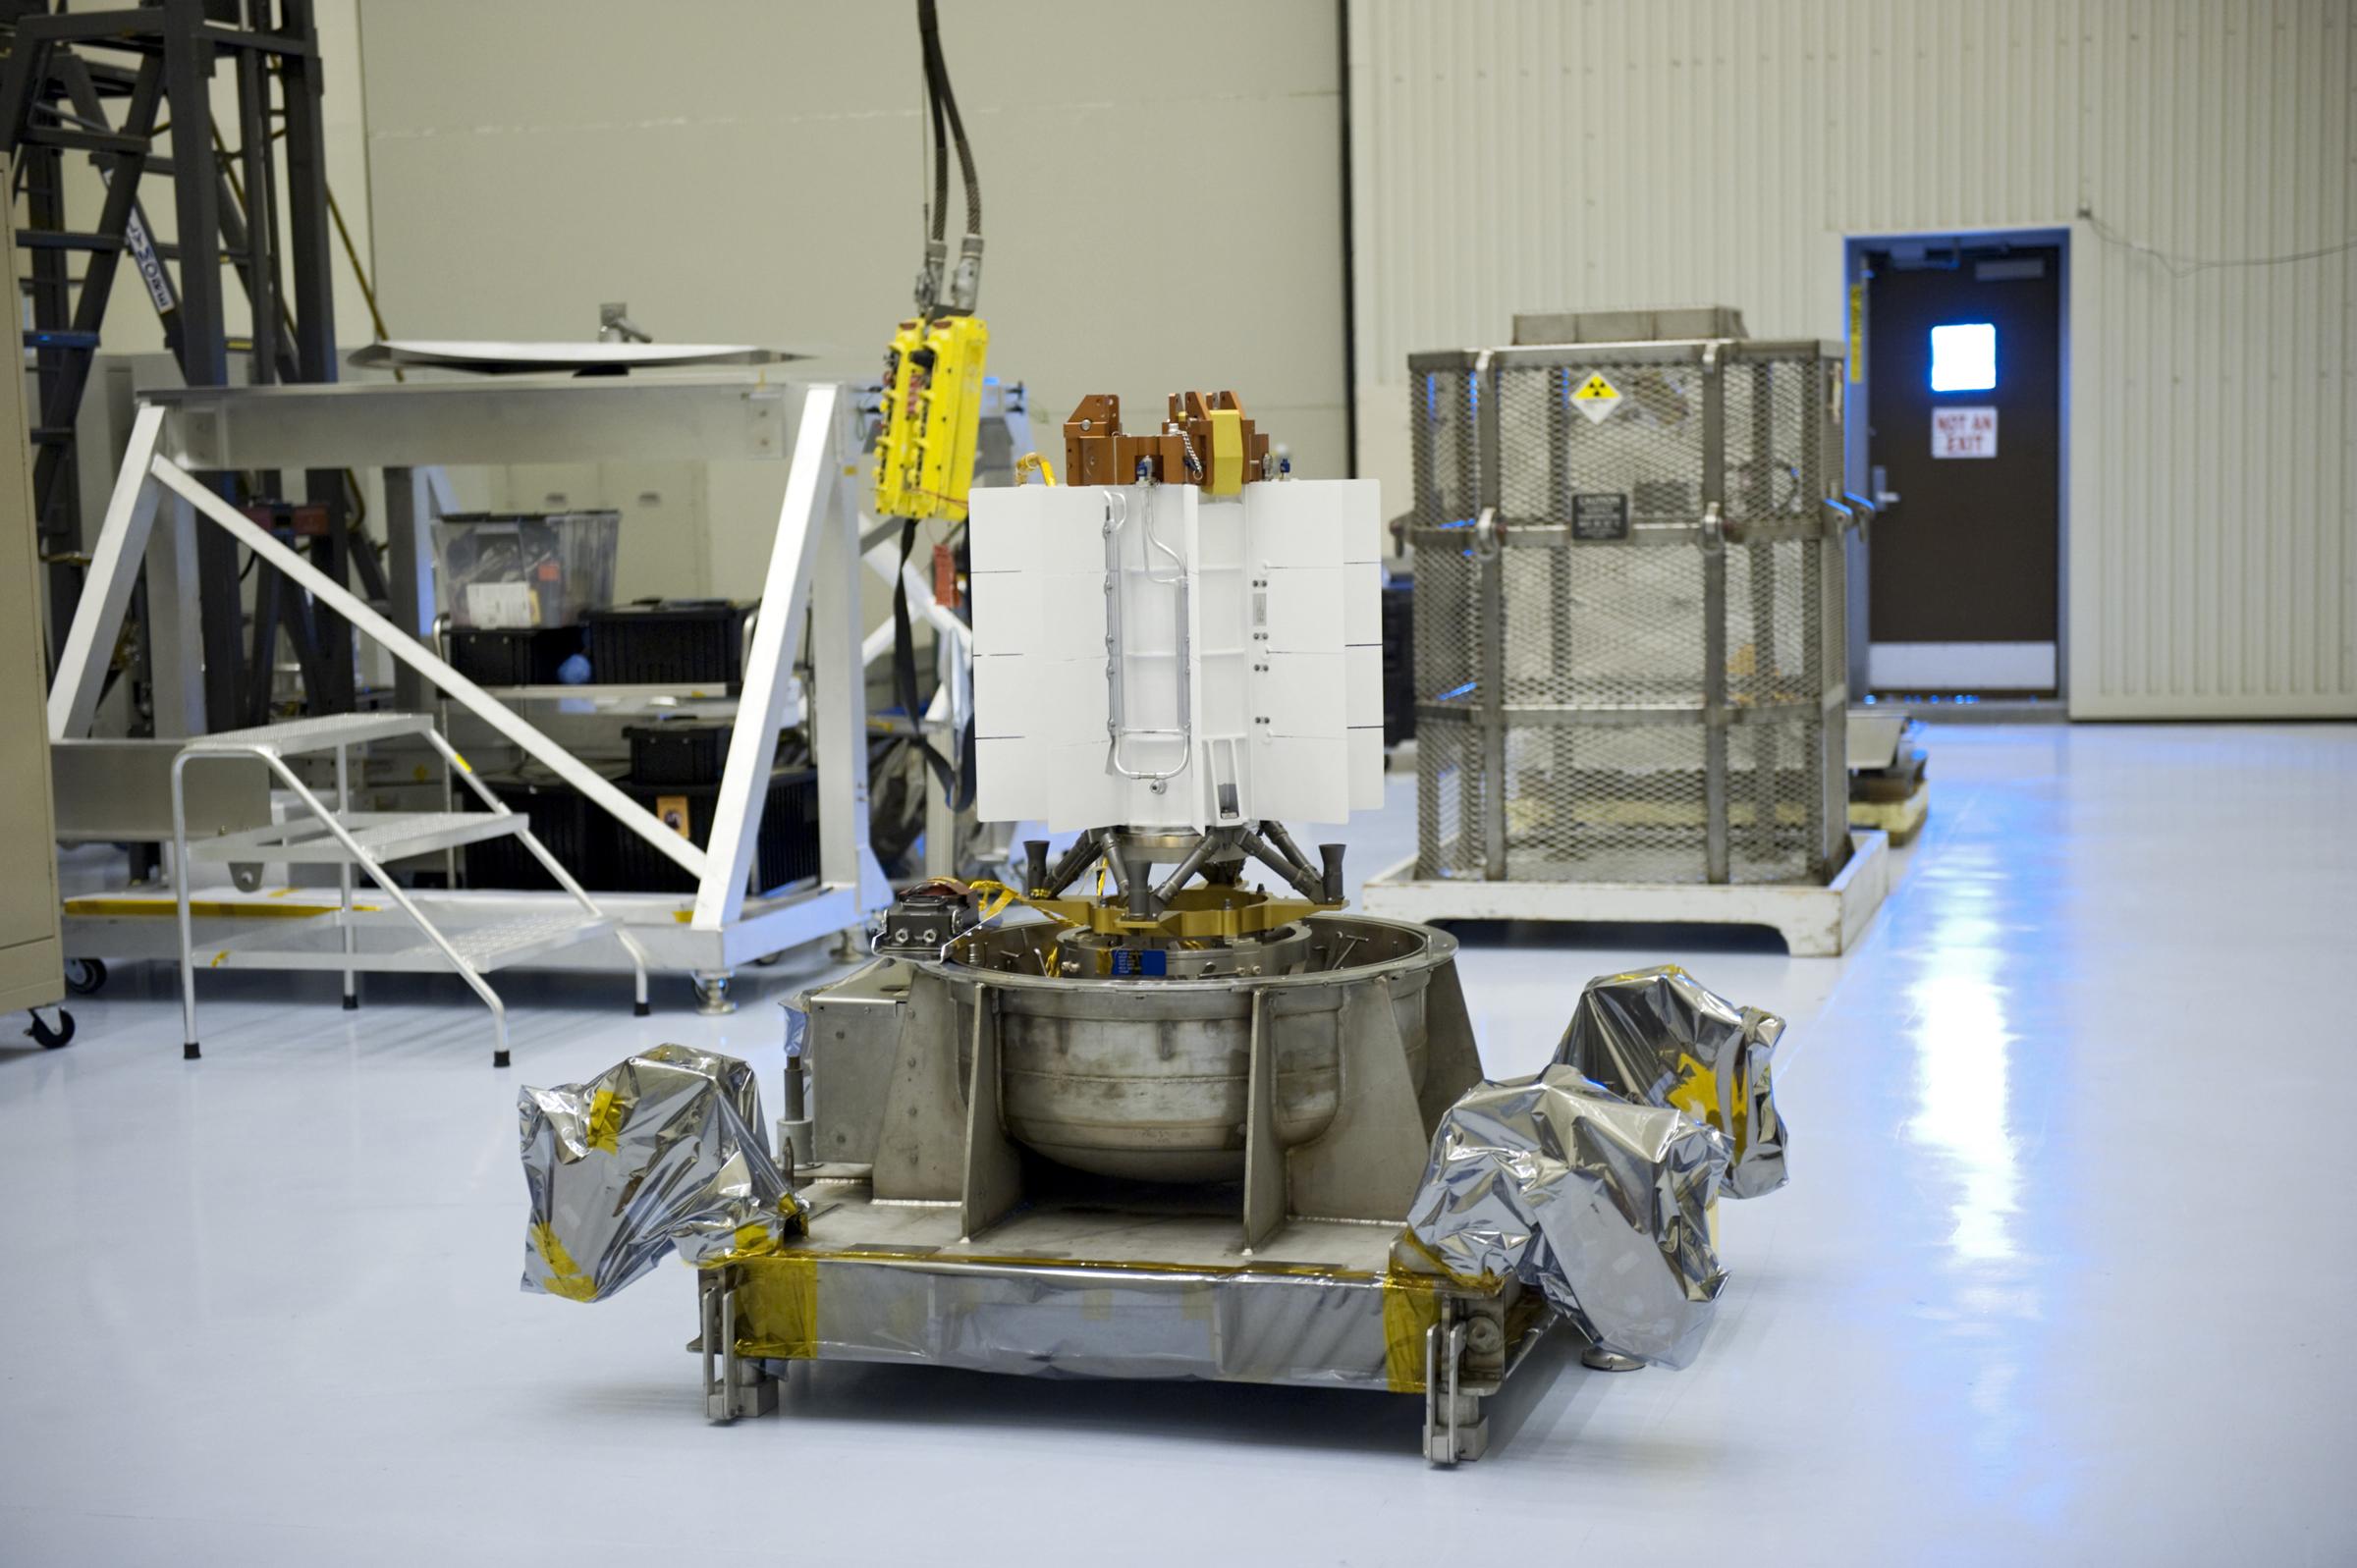 spacecraft power sources - photo #18